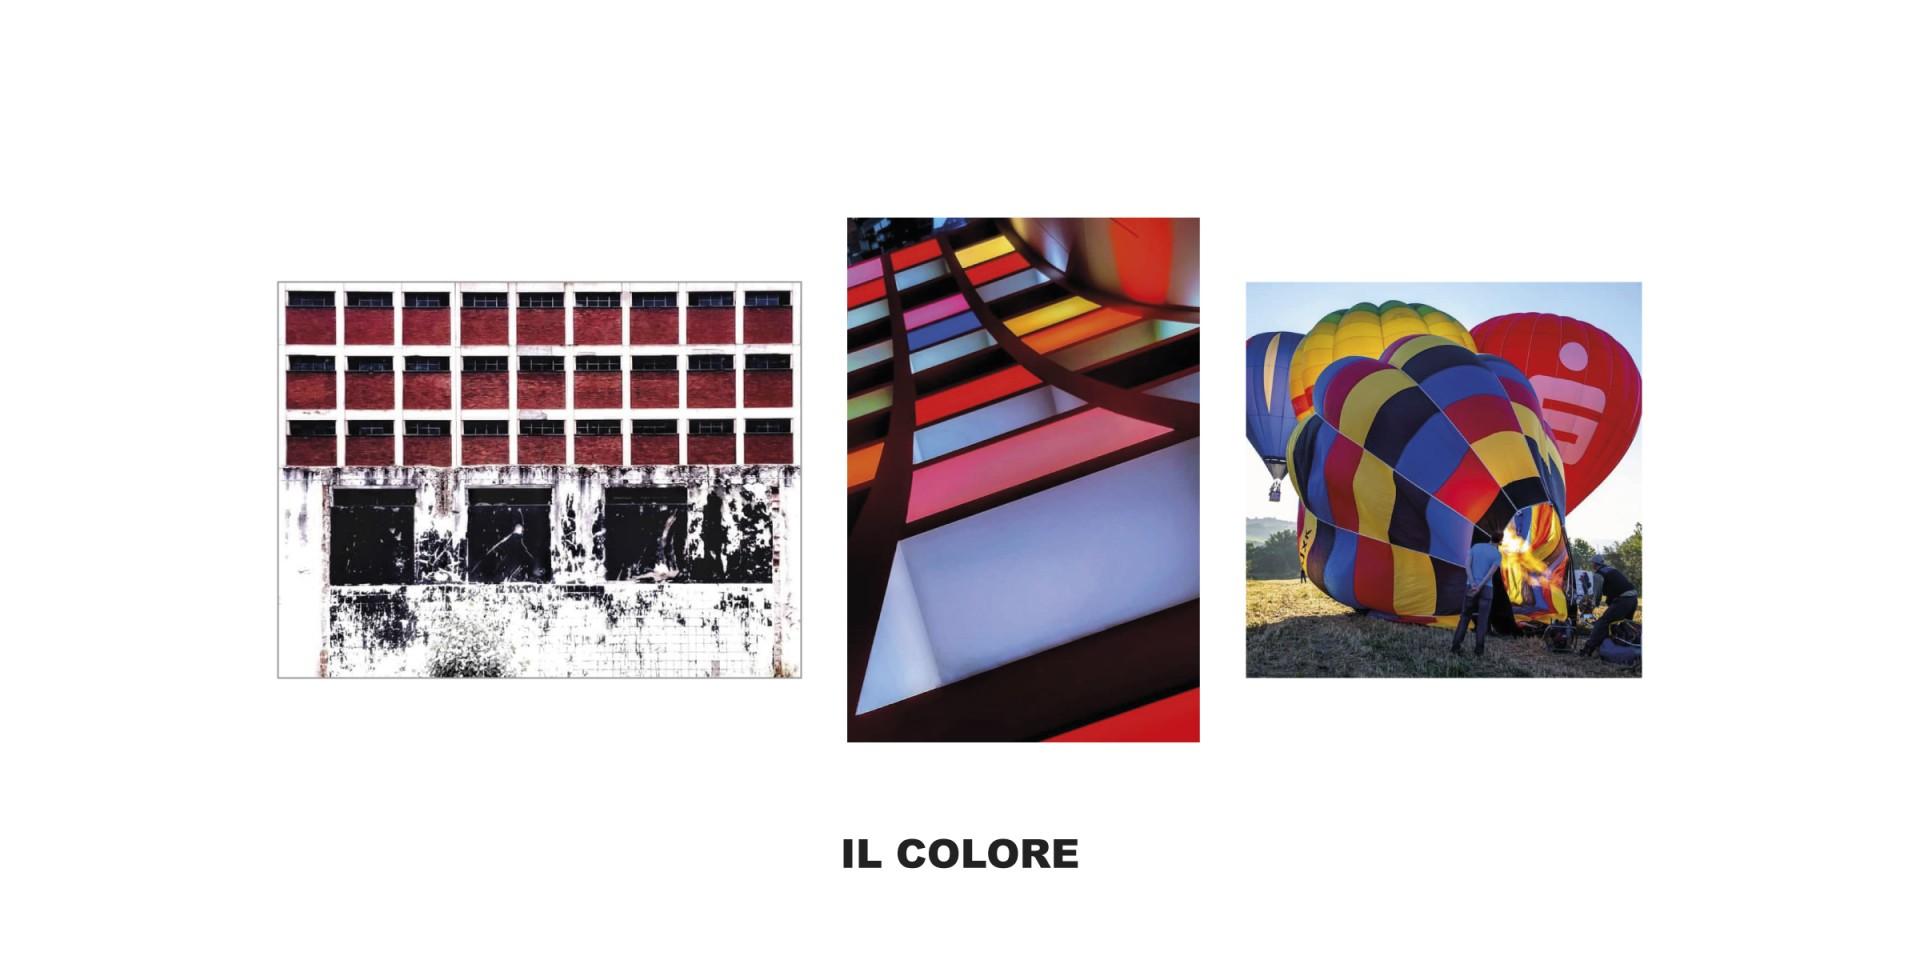 02-slide-il-colore-6.jpg